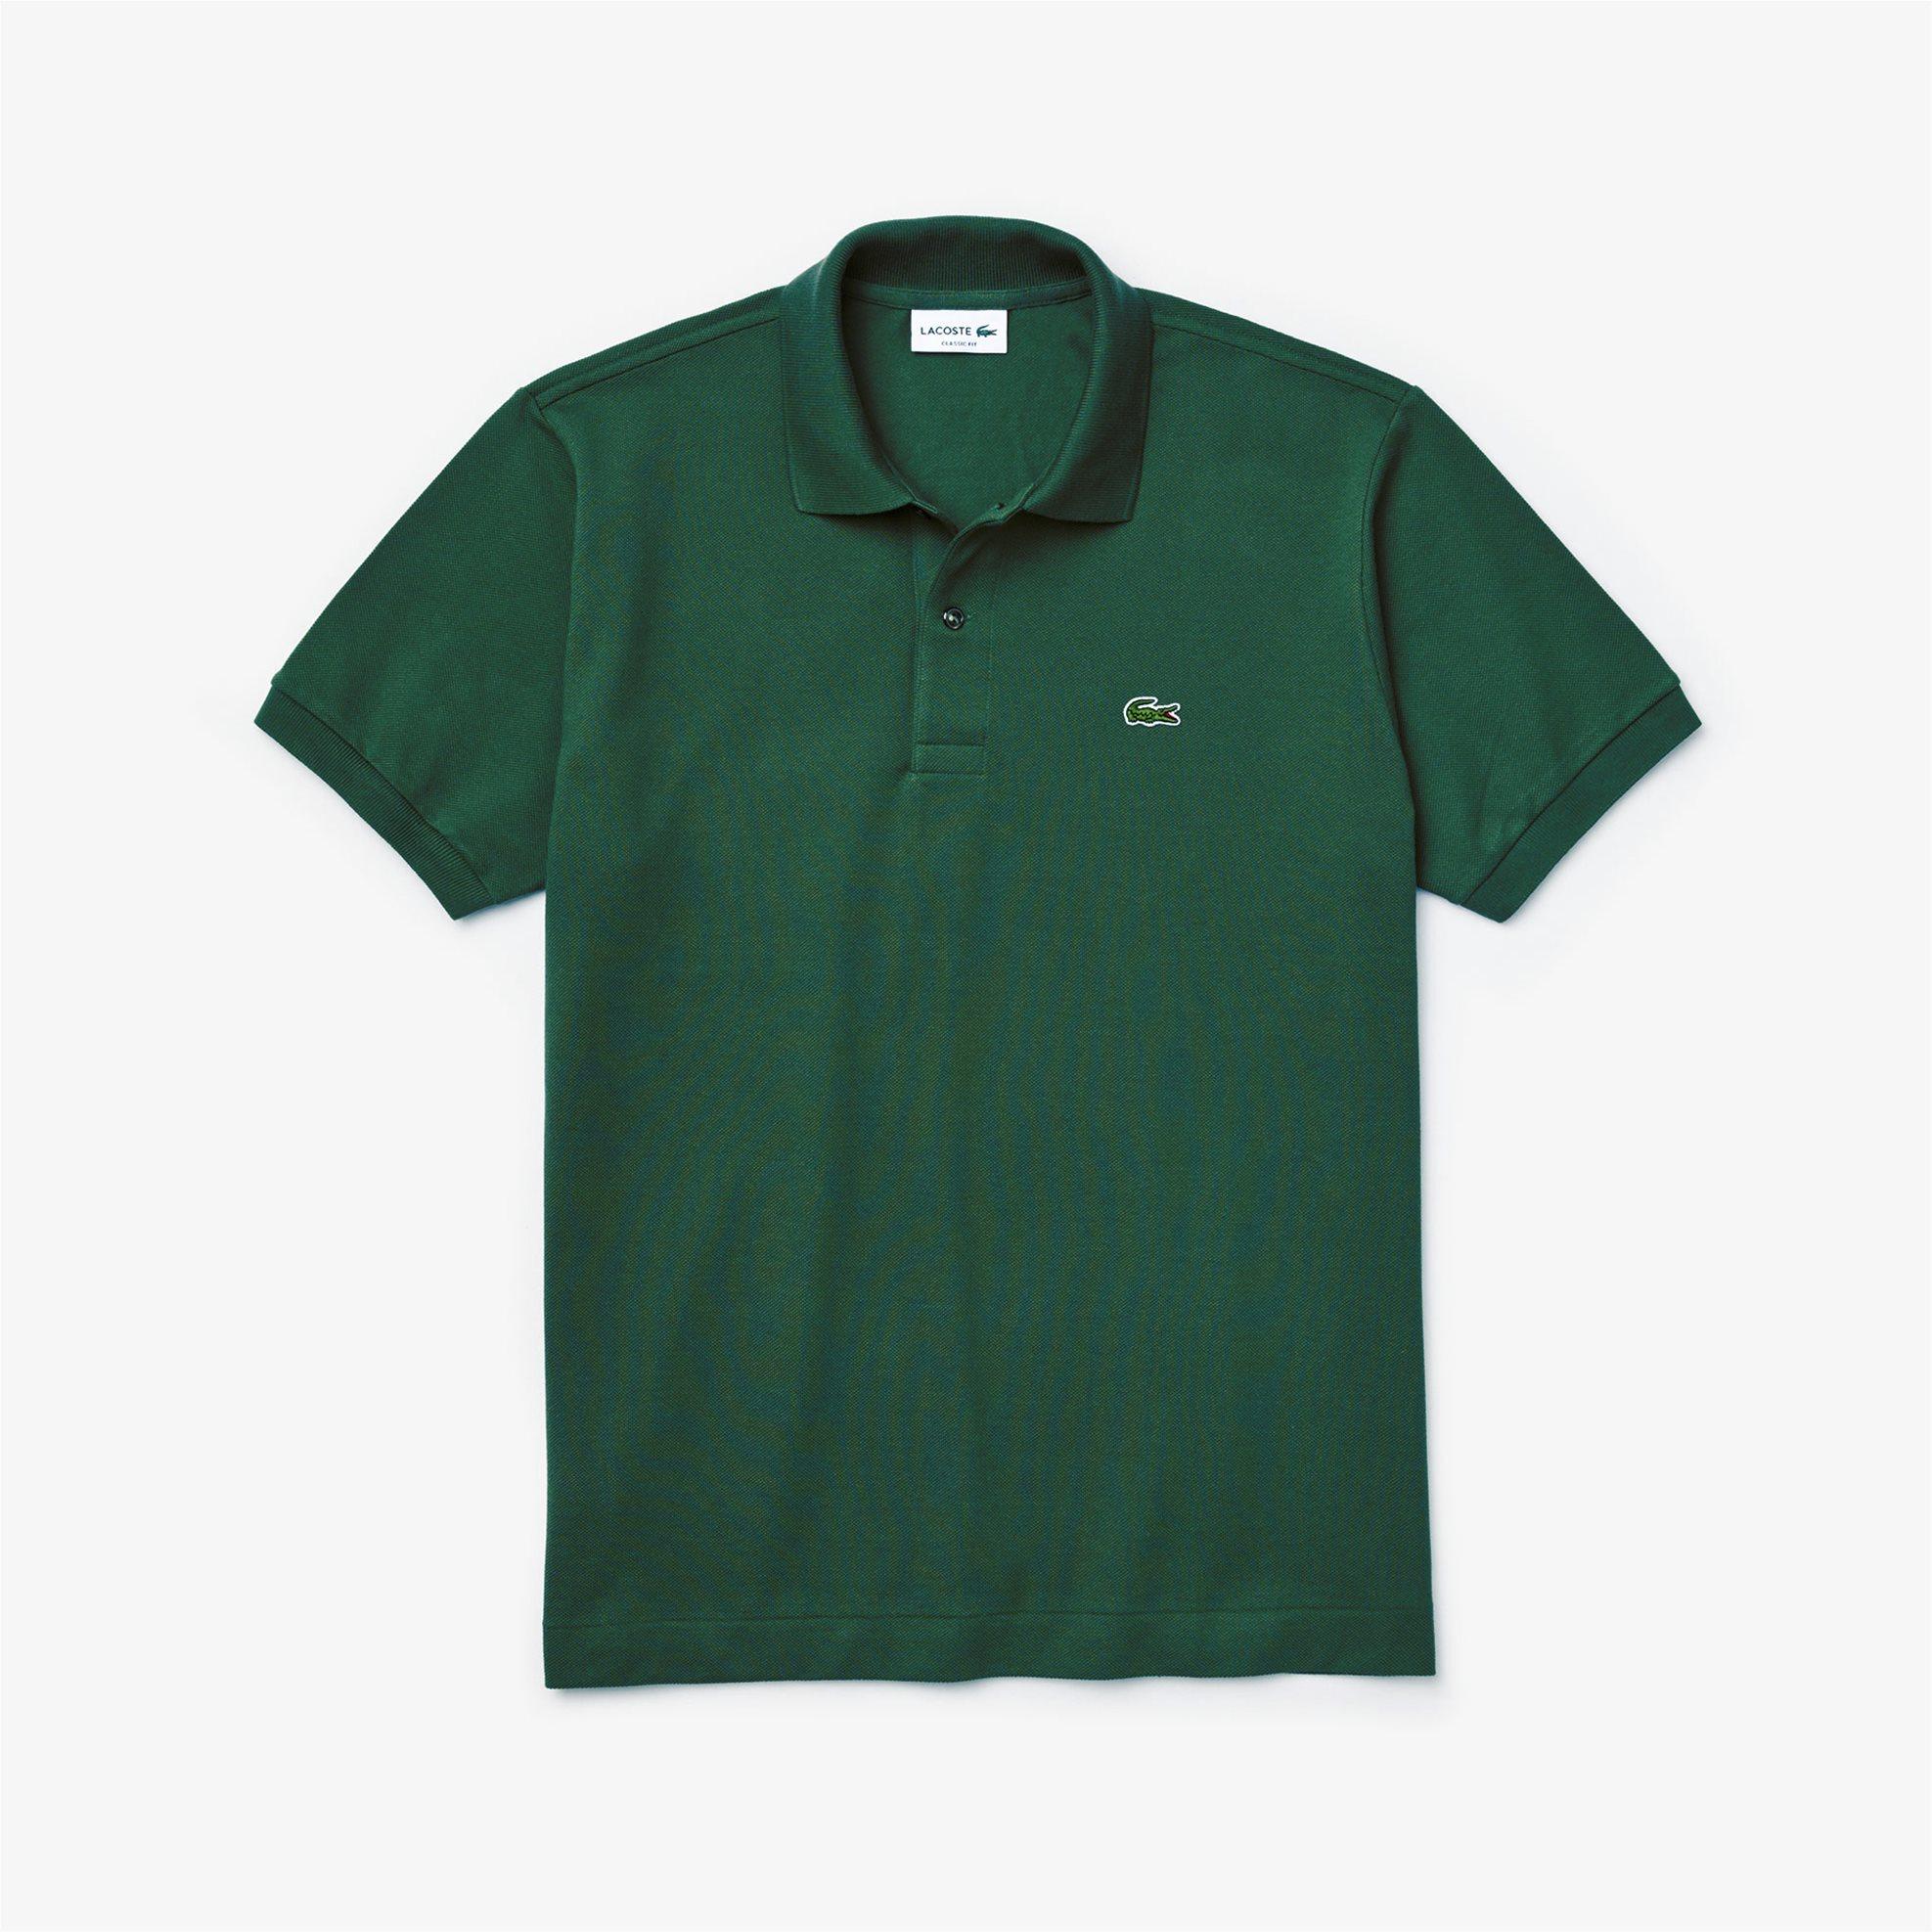 9473ec40c402 Notos Ανδρική μπλούζα L1212 Lacoste - L1212 - Κυπαρισσί